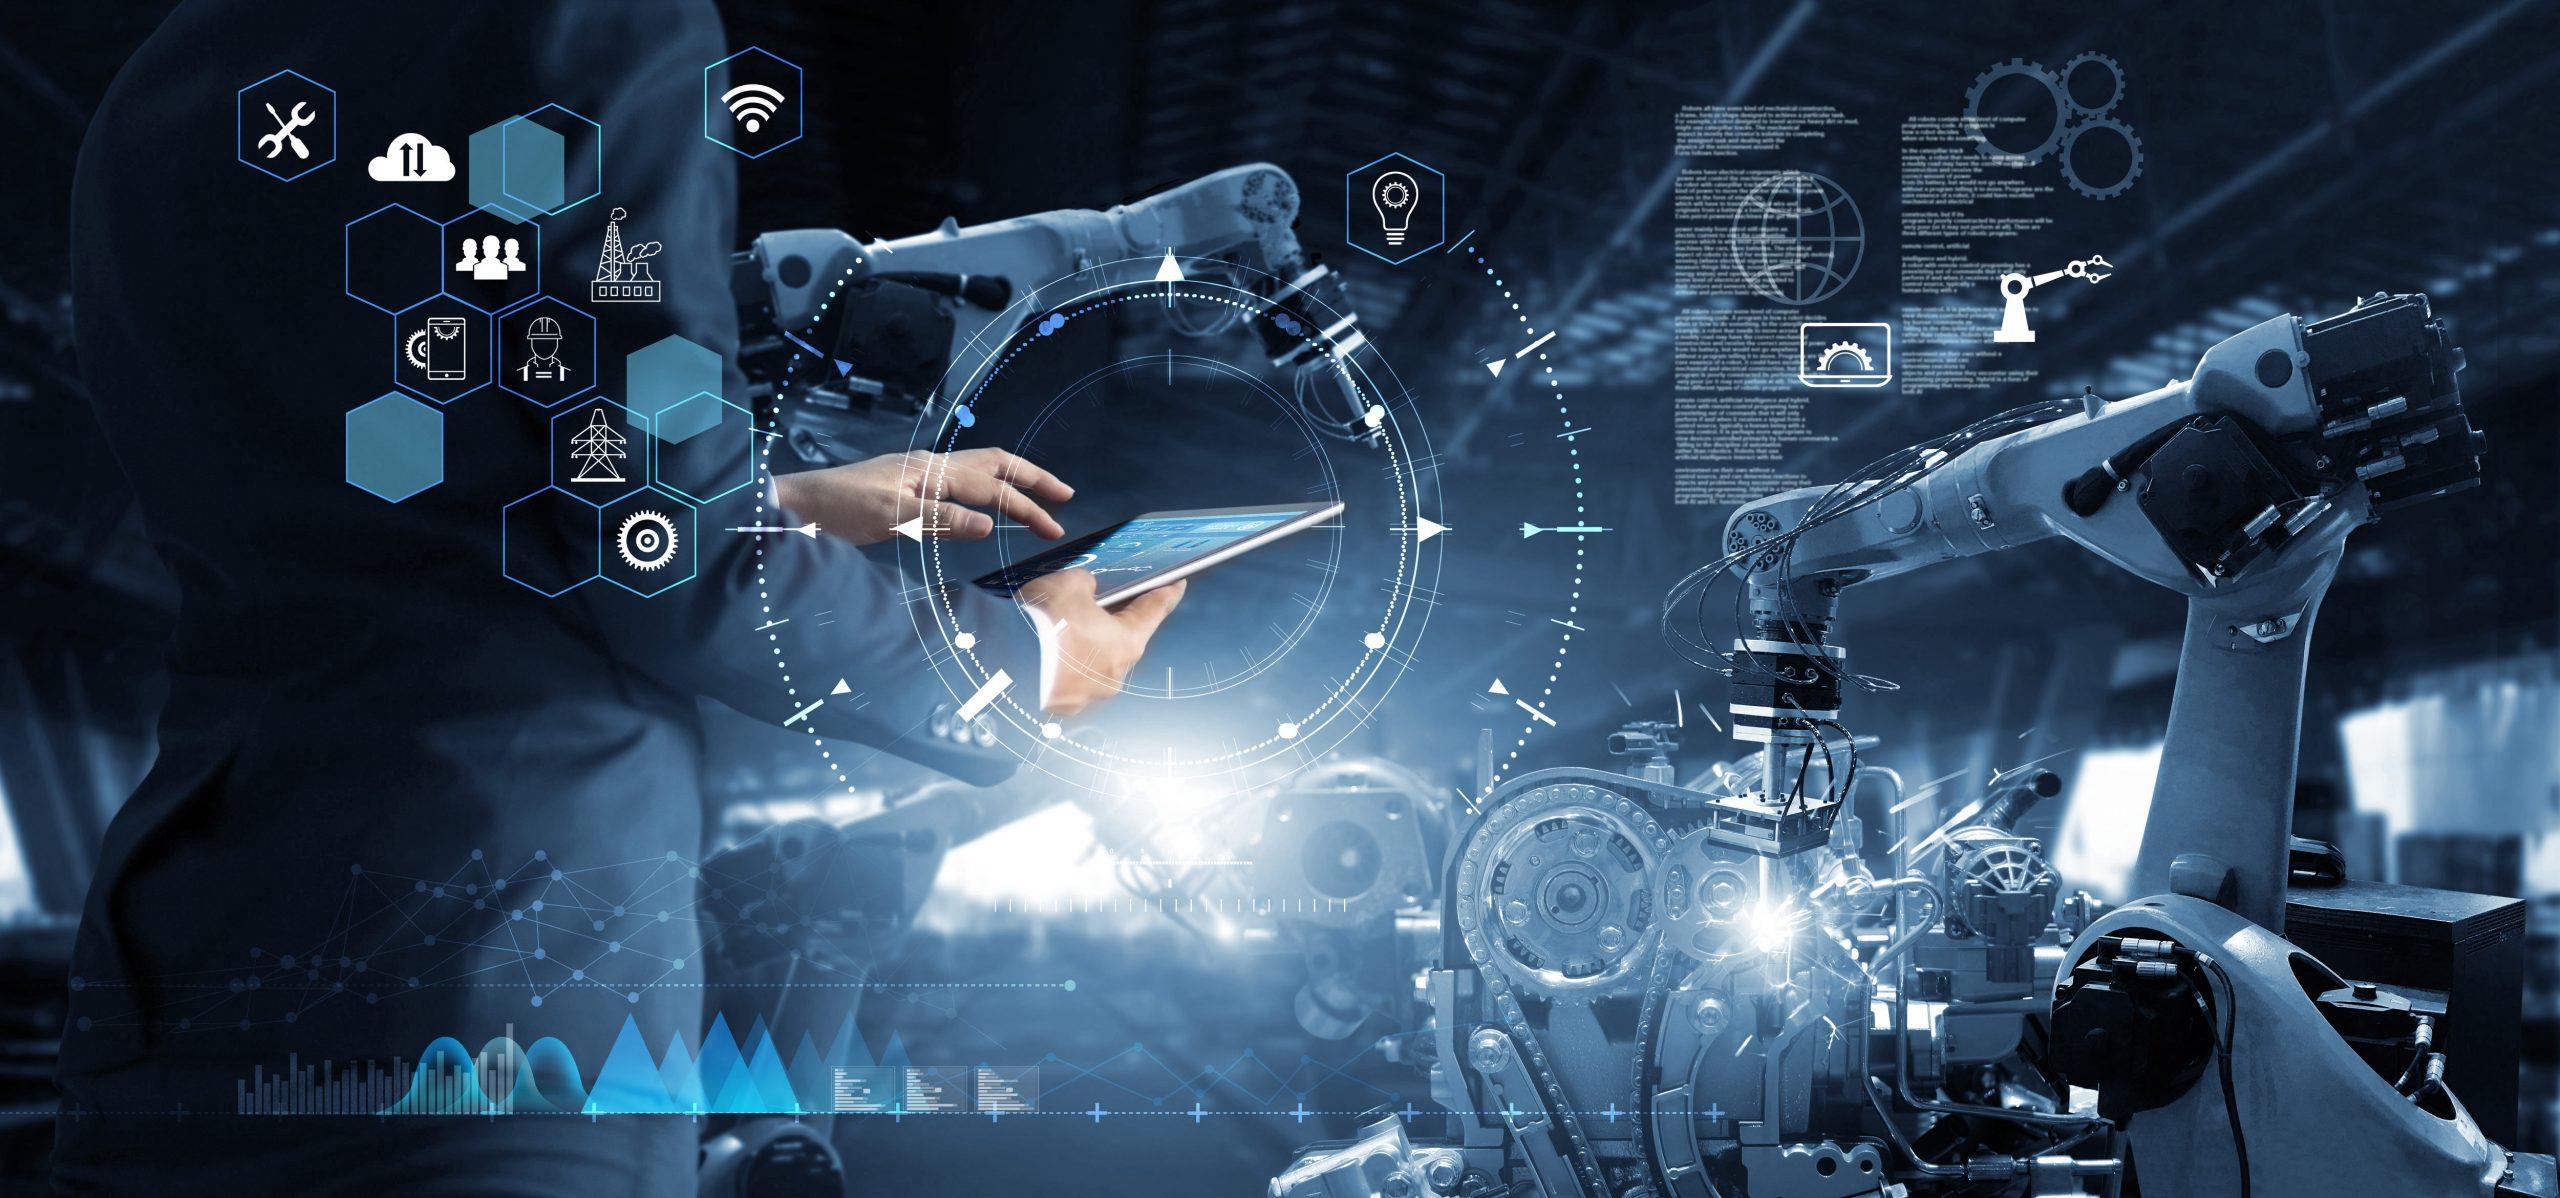 Mit den Bedürfnissen der Fertigungsindustrie haben sich im Laufe der Jahre auch die Netzwerkinfrastrukturen für die industrielle Kommunikation weiterentwickelt. (Bild: ©ipopba/iStock.com)